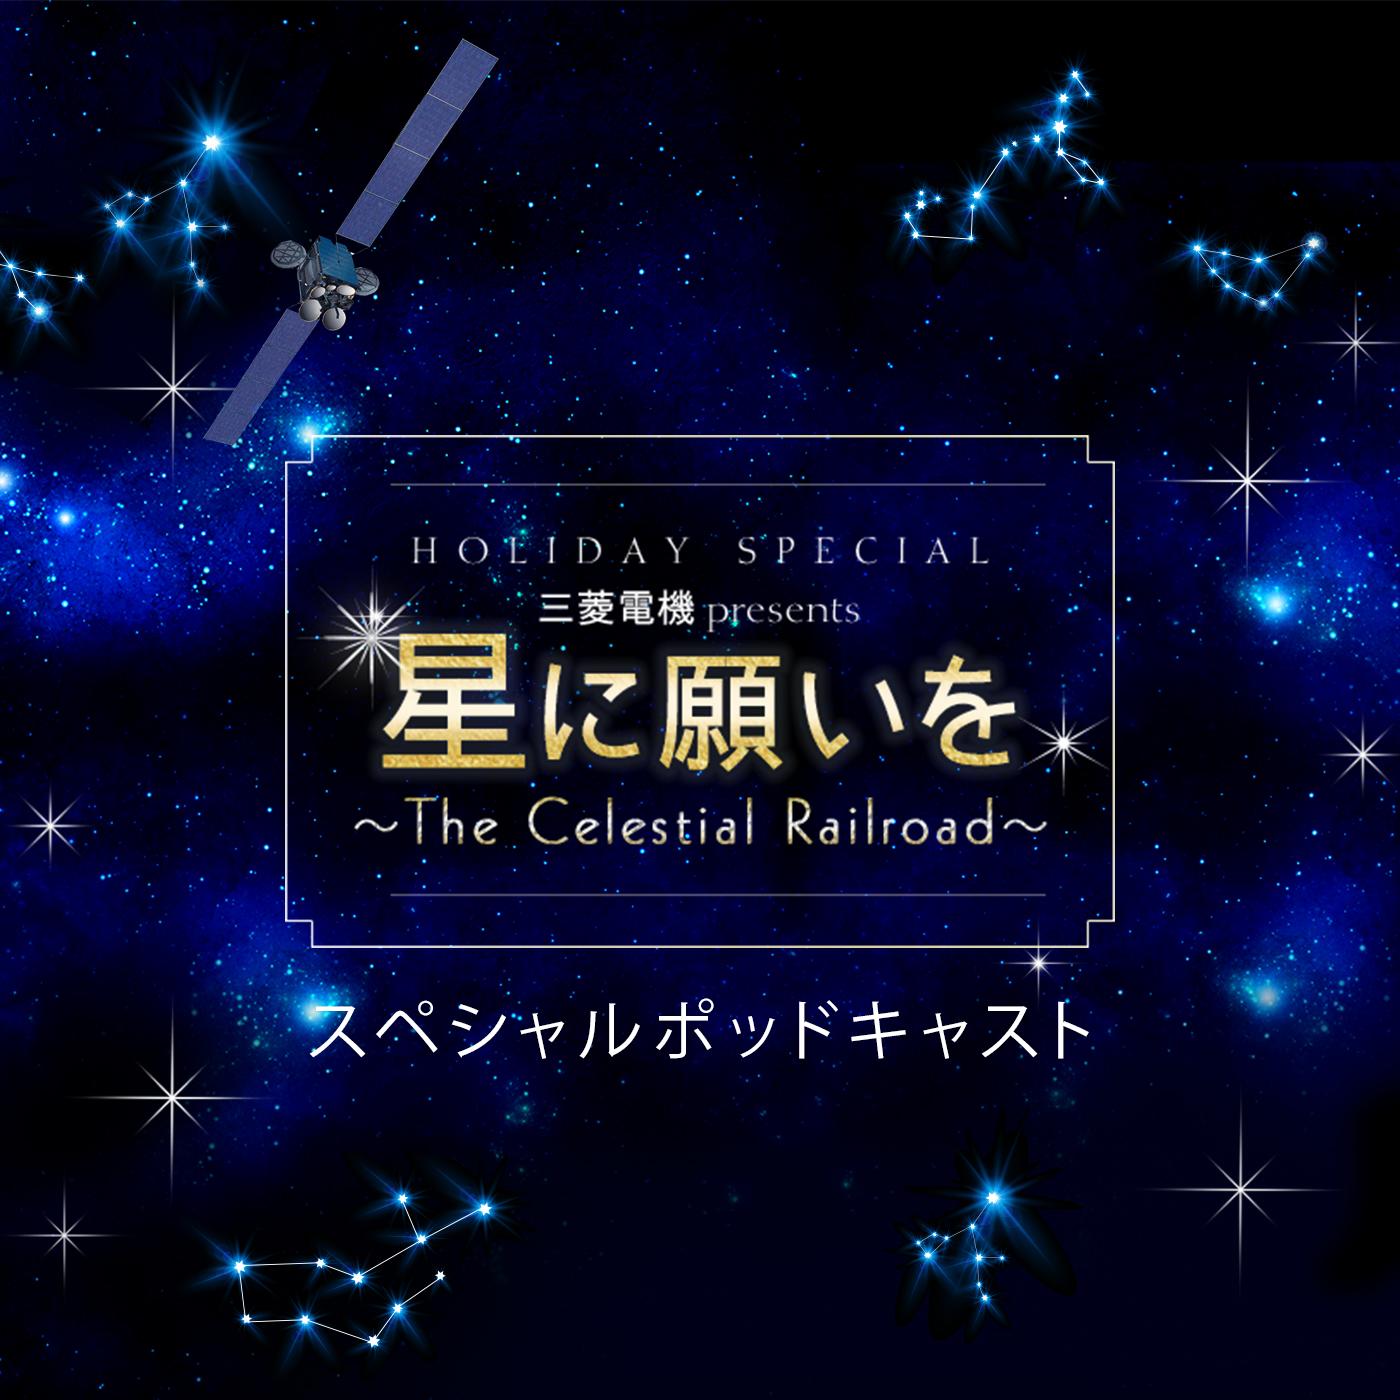 三菱電機 presents 星に願いを~The Celestial Railroad~